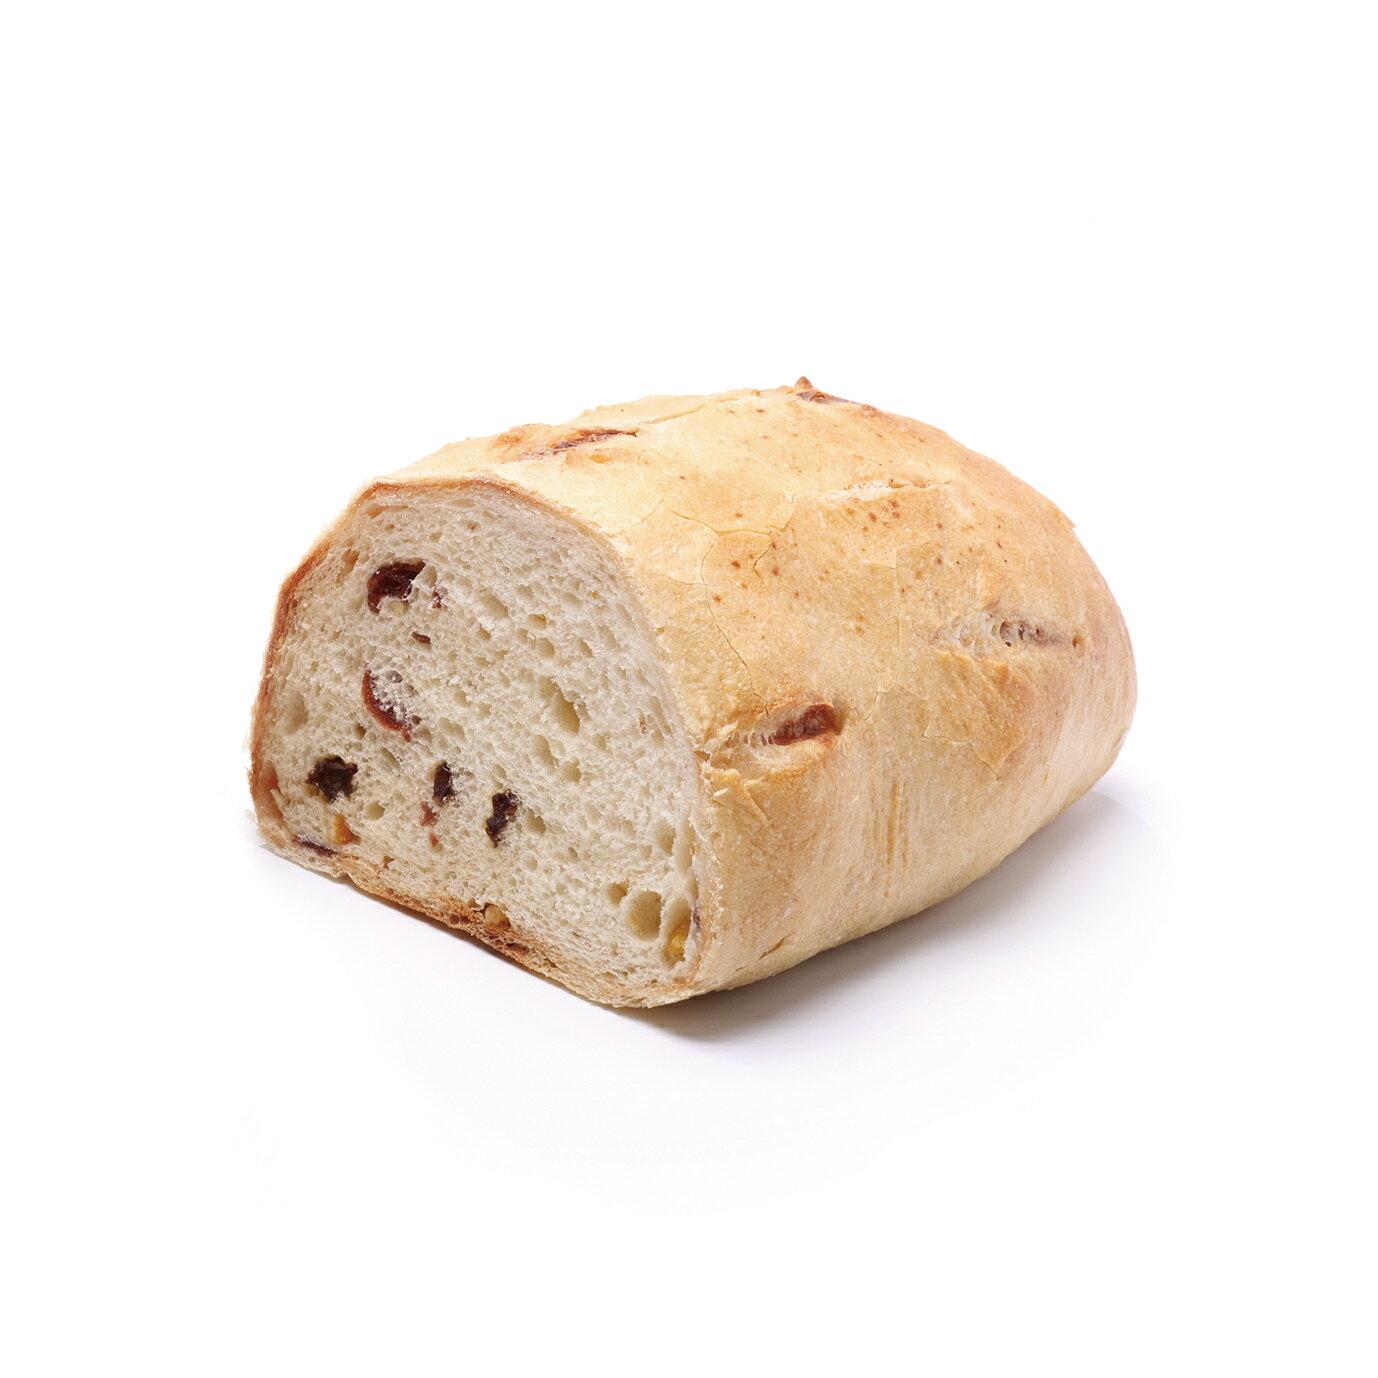 【綜合果香歐式麵包 半條】軟歐麵包系|我們的歐包不一樣|人氣團購|部落客口碑推薦|蘋果日報報導|宅配推薦